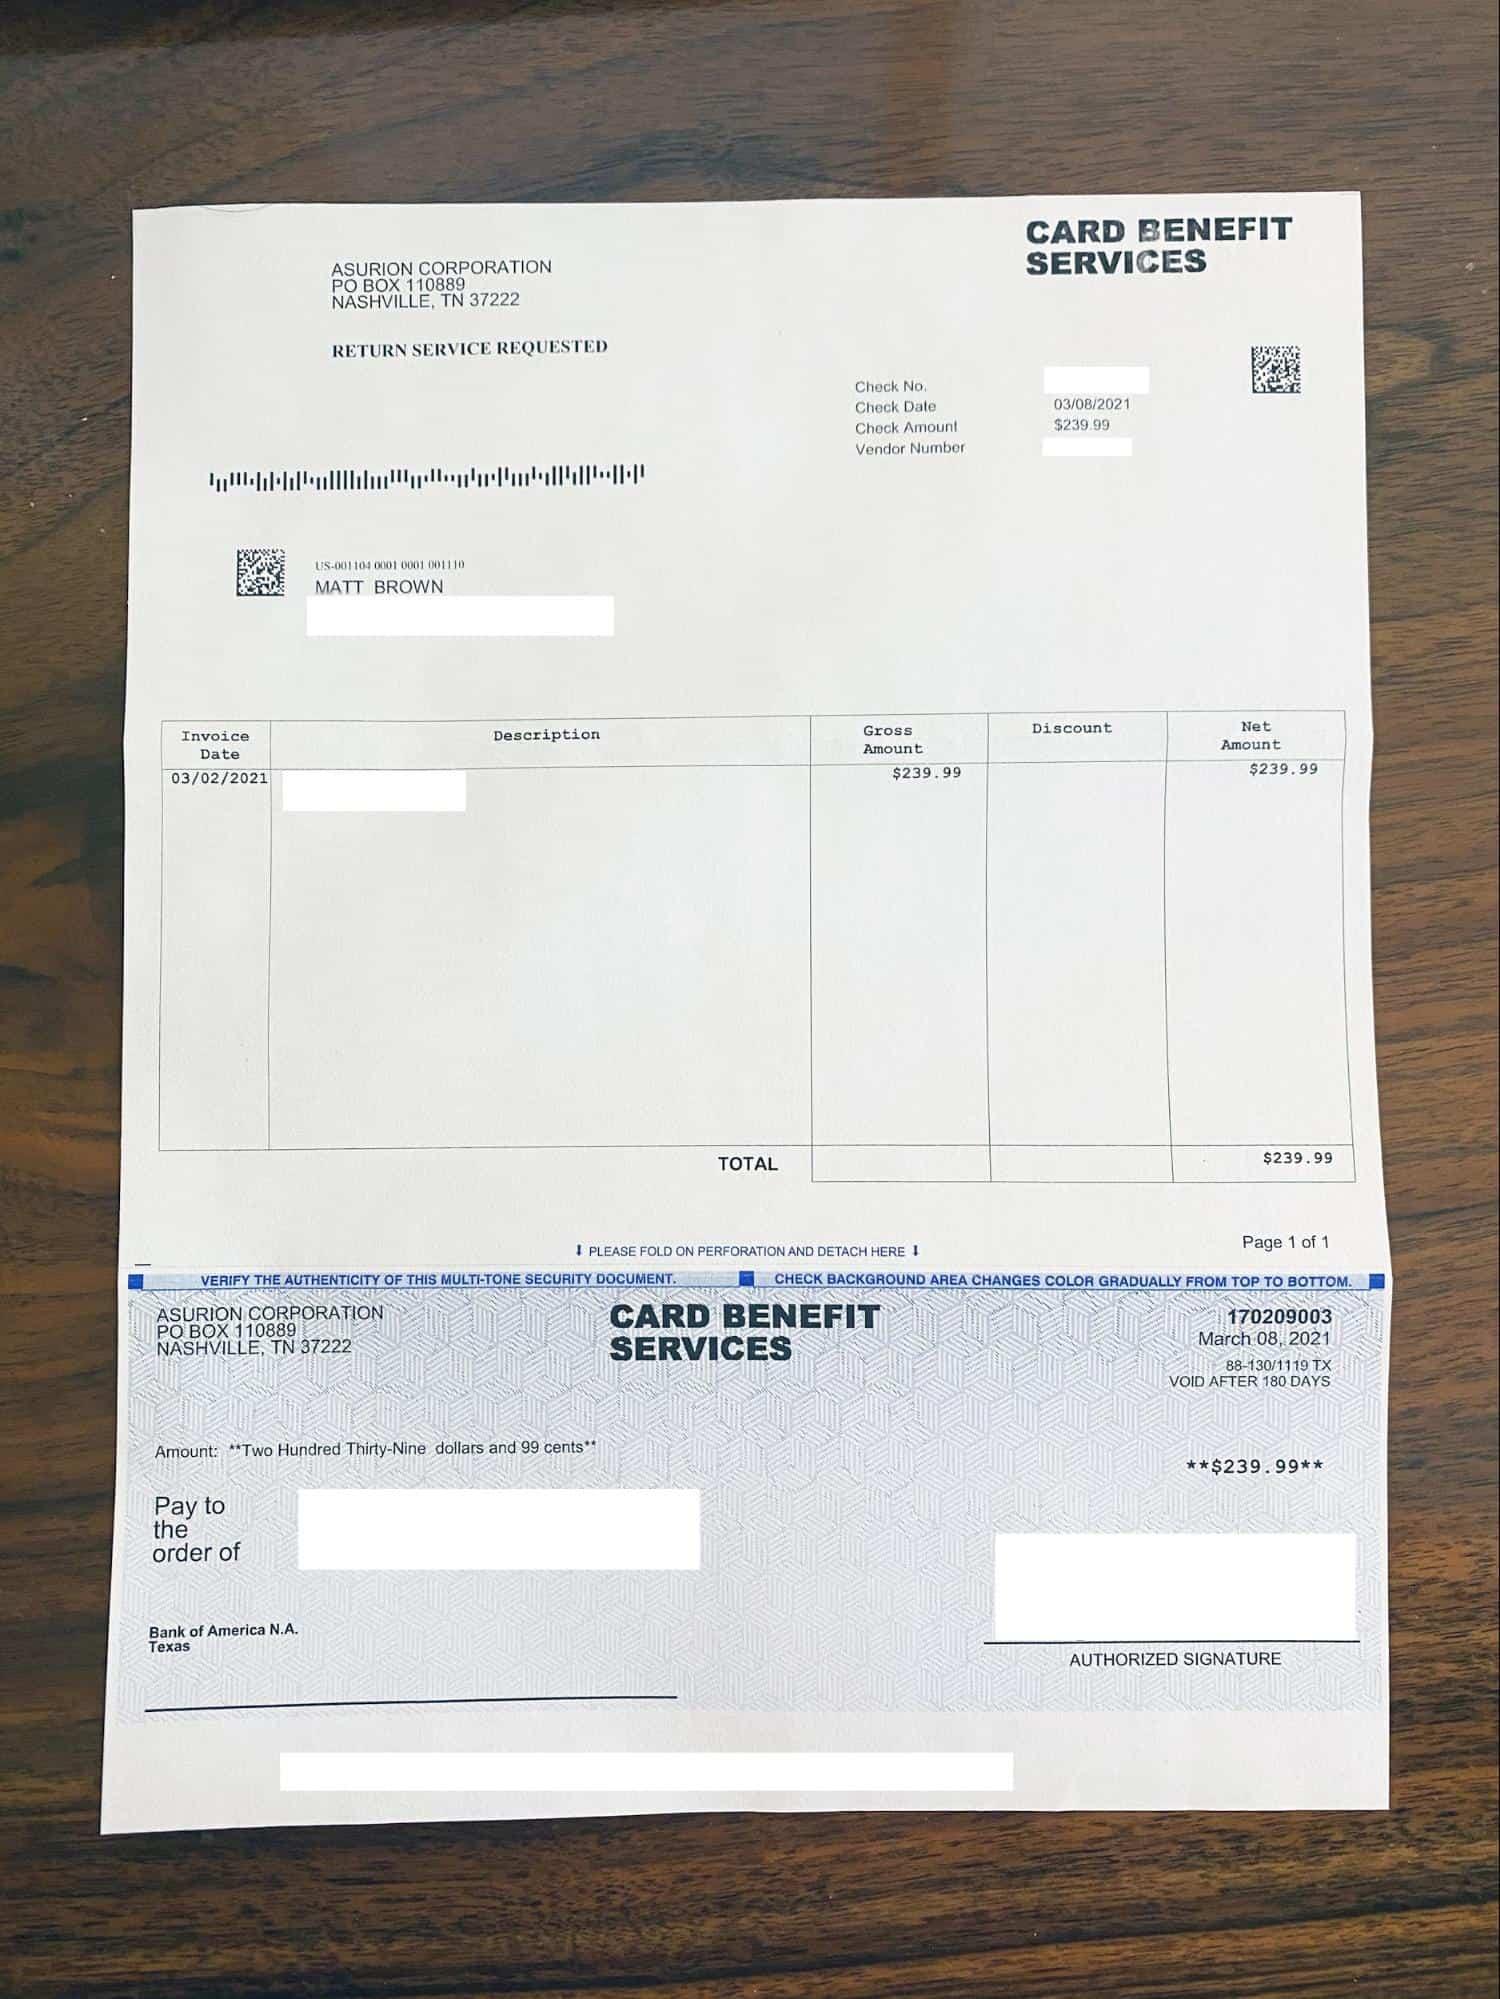 card benefit services asurion